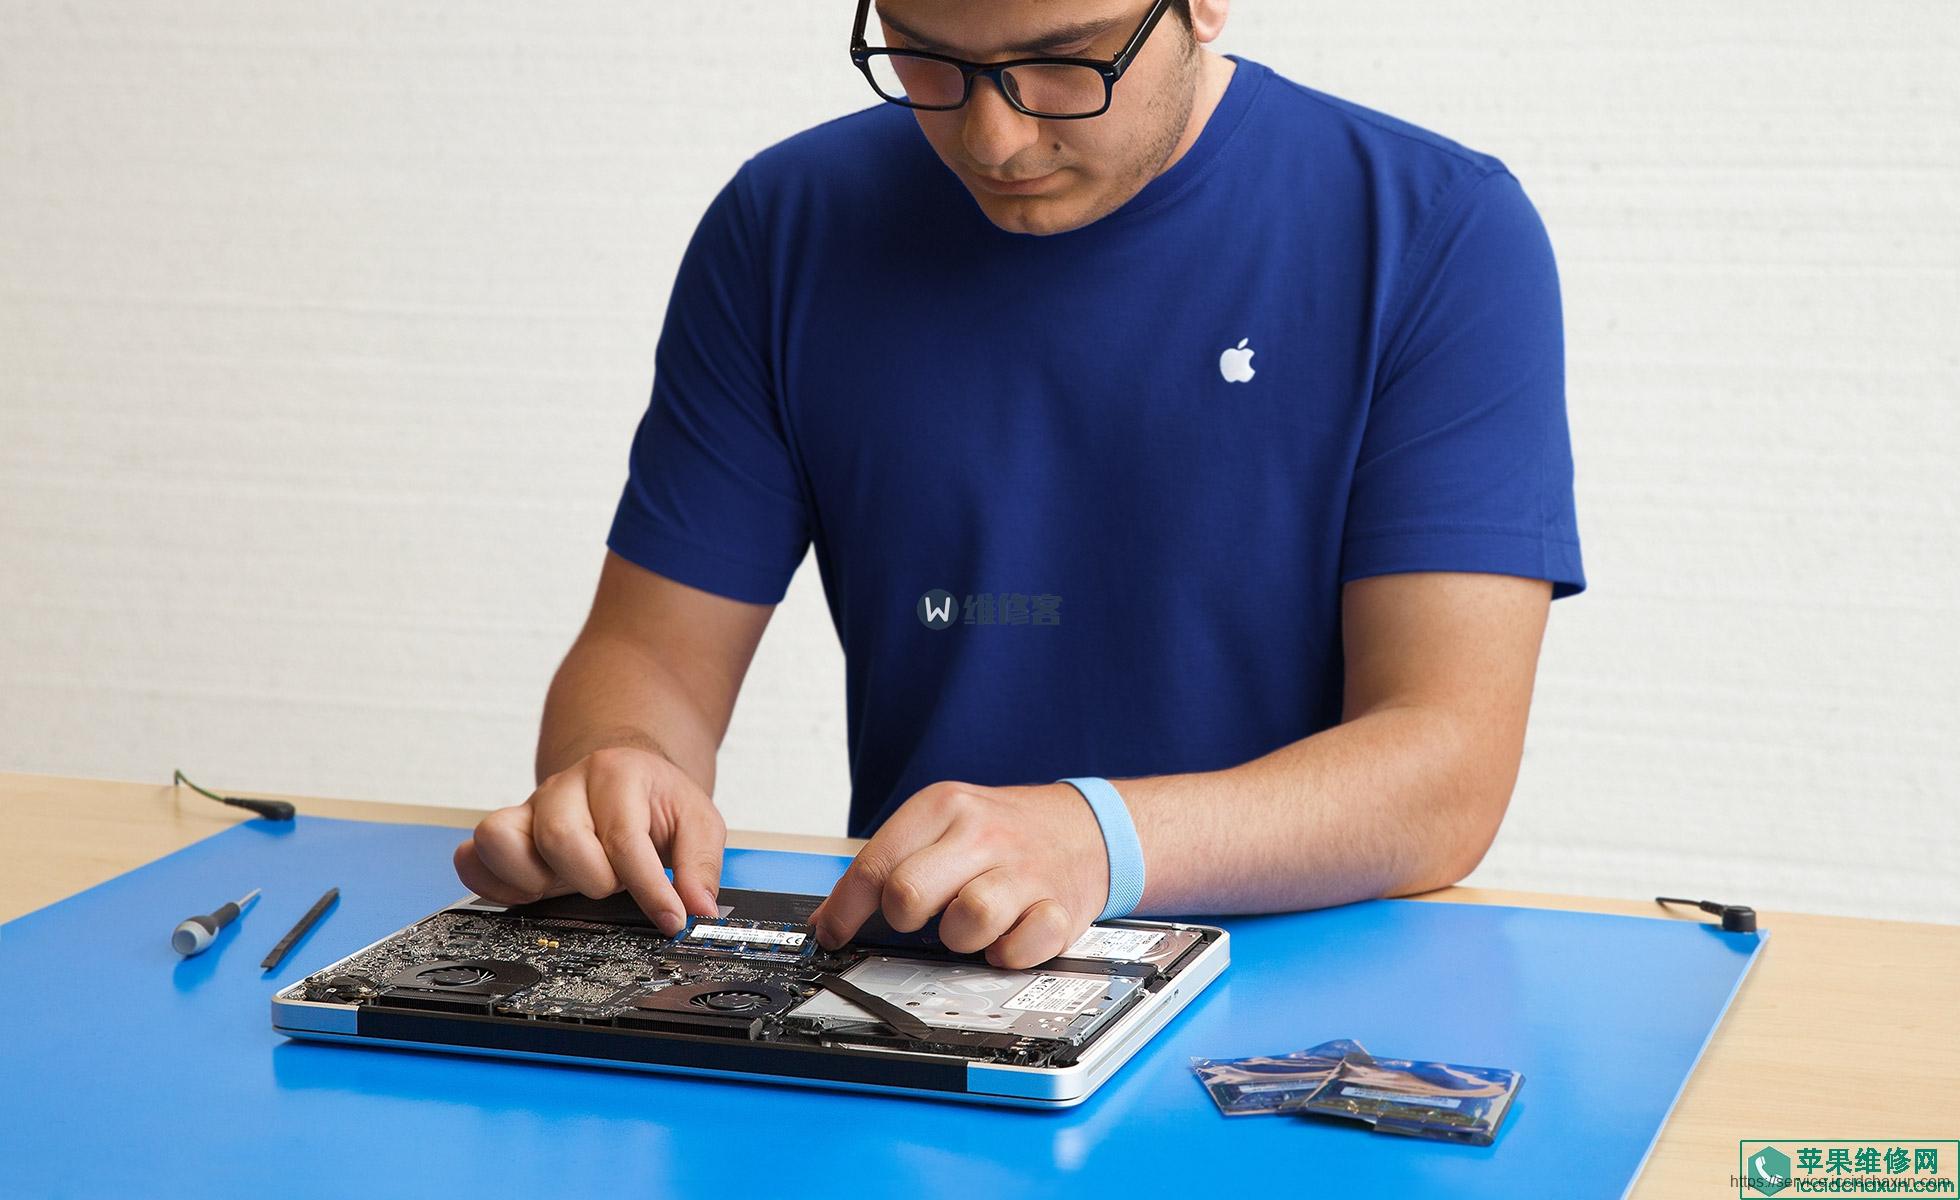 苹果售后工作人帮你解答常见苹果维修问题